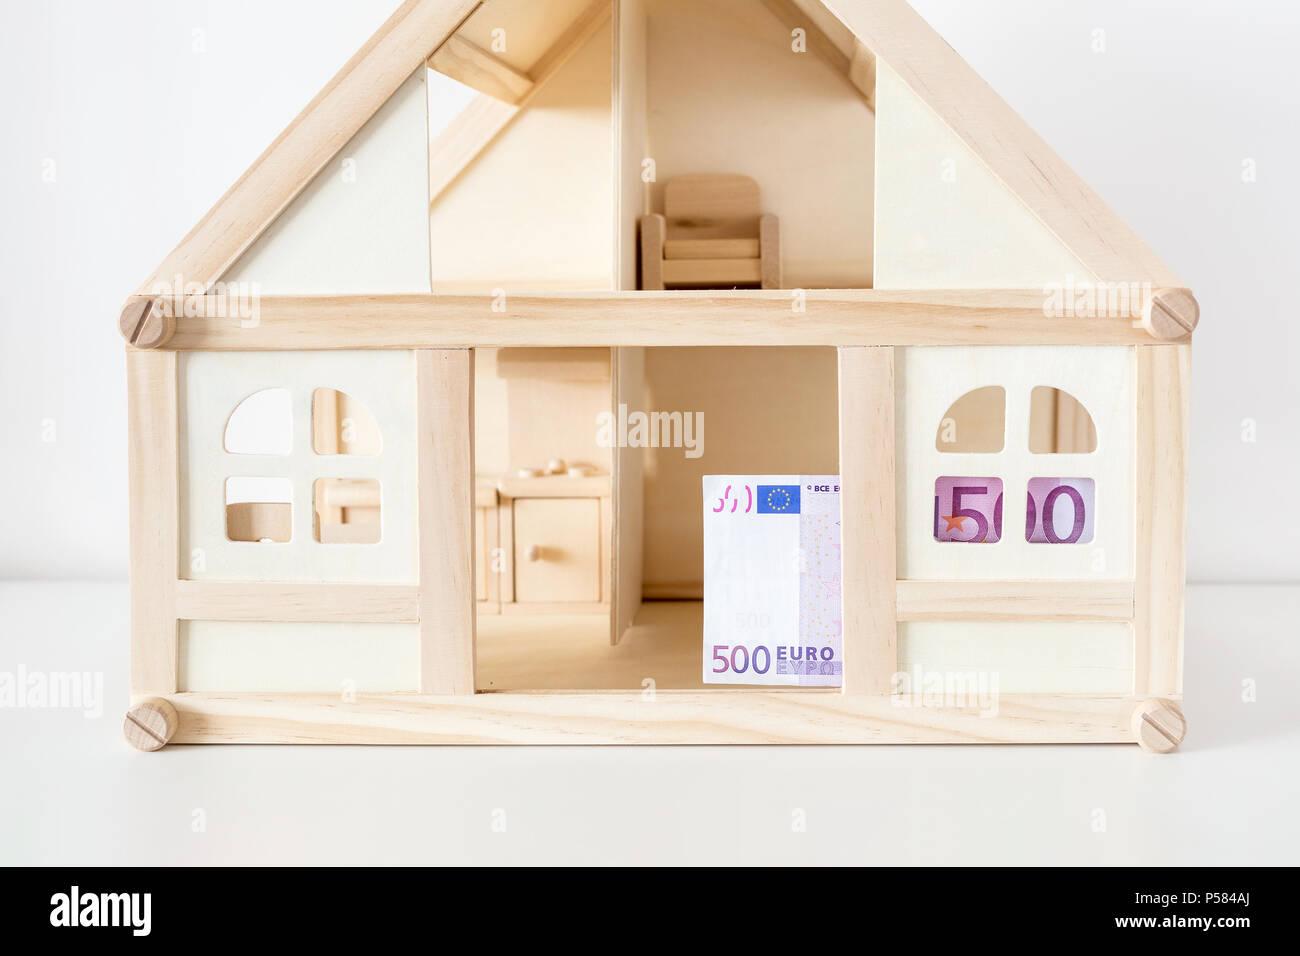 Holzhaus Modell Mit 500 Euro Rechnung Haus Vermietung Und Verkauf